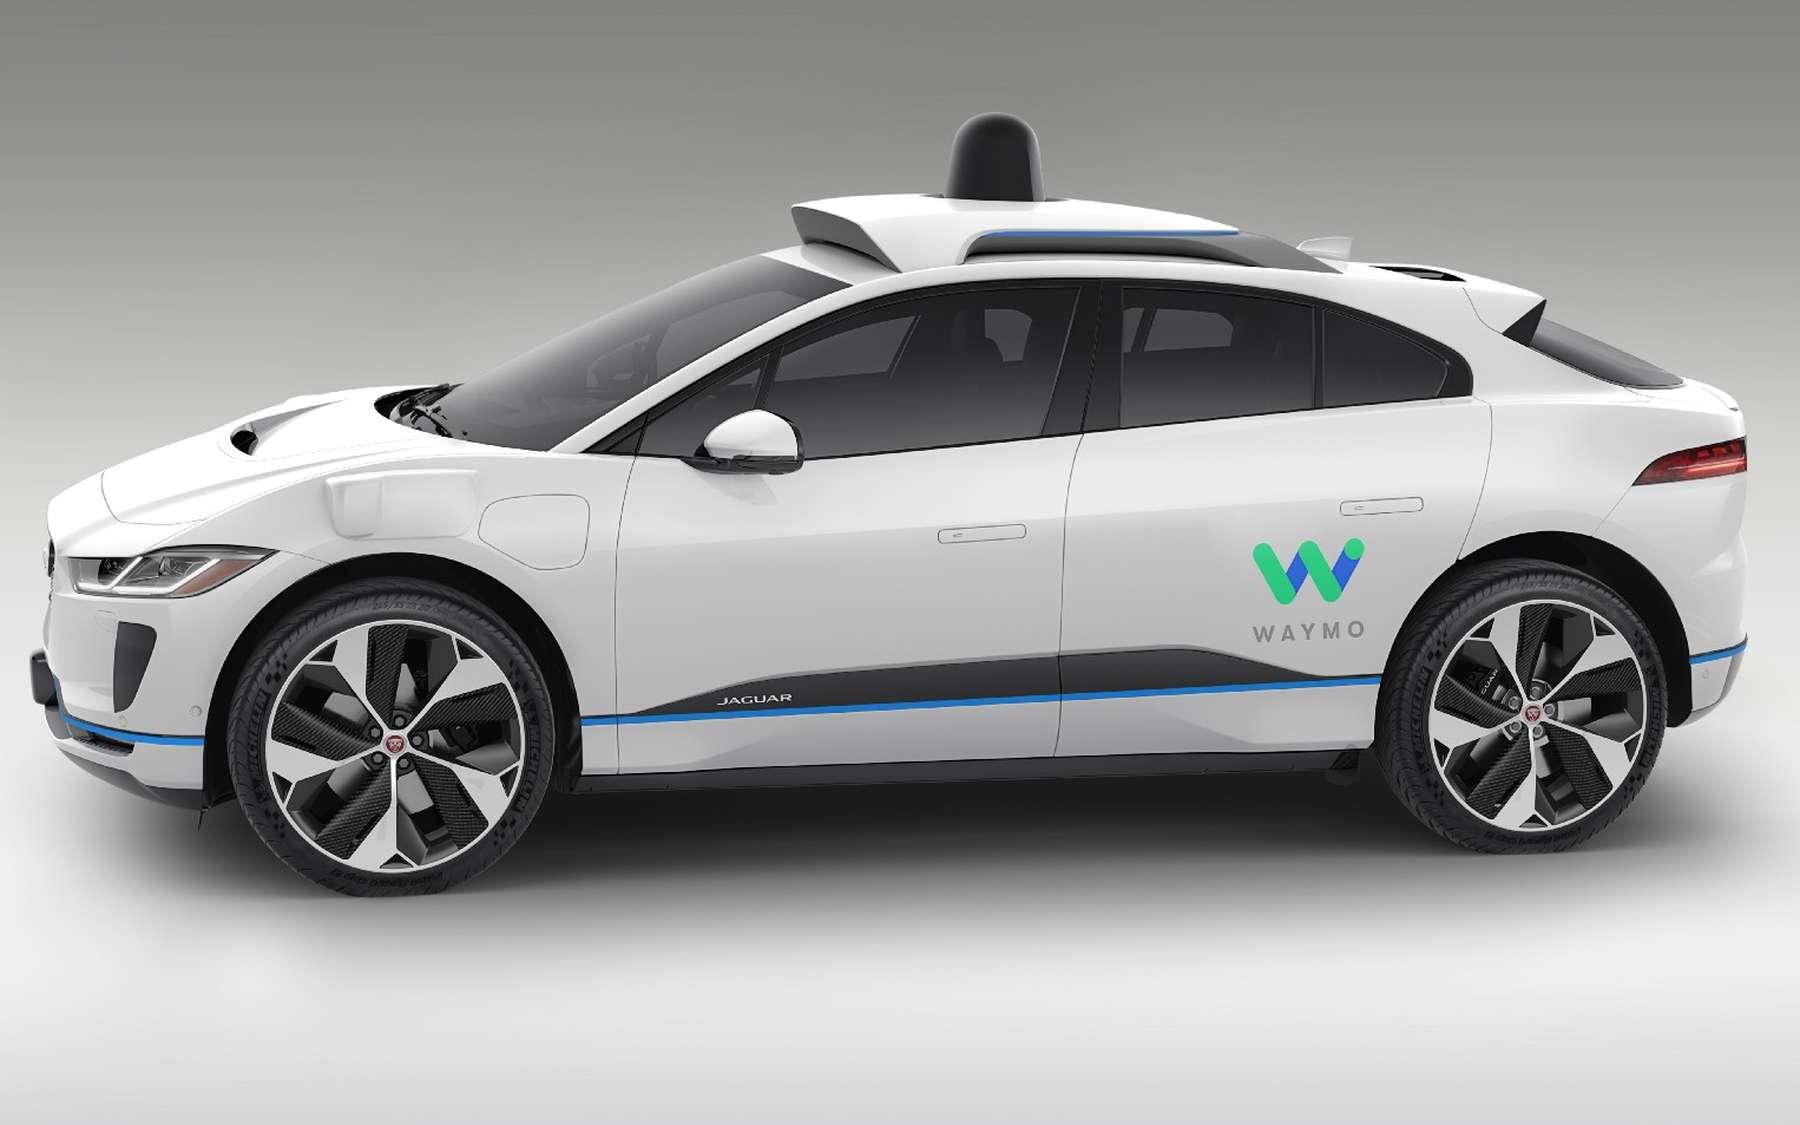 La Jaguar I-Pace équipée du système de conduite autonome de Waymo. © Waymo